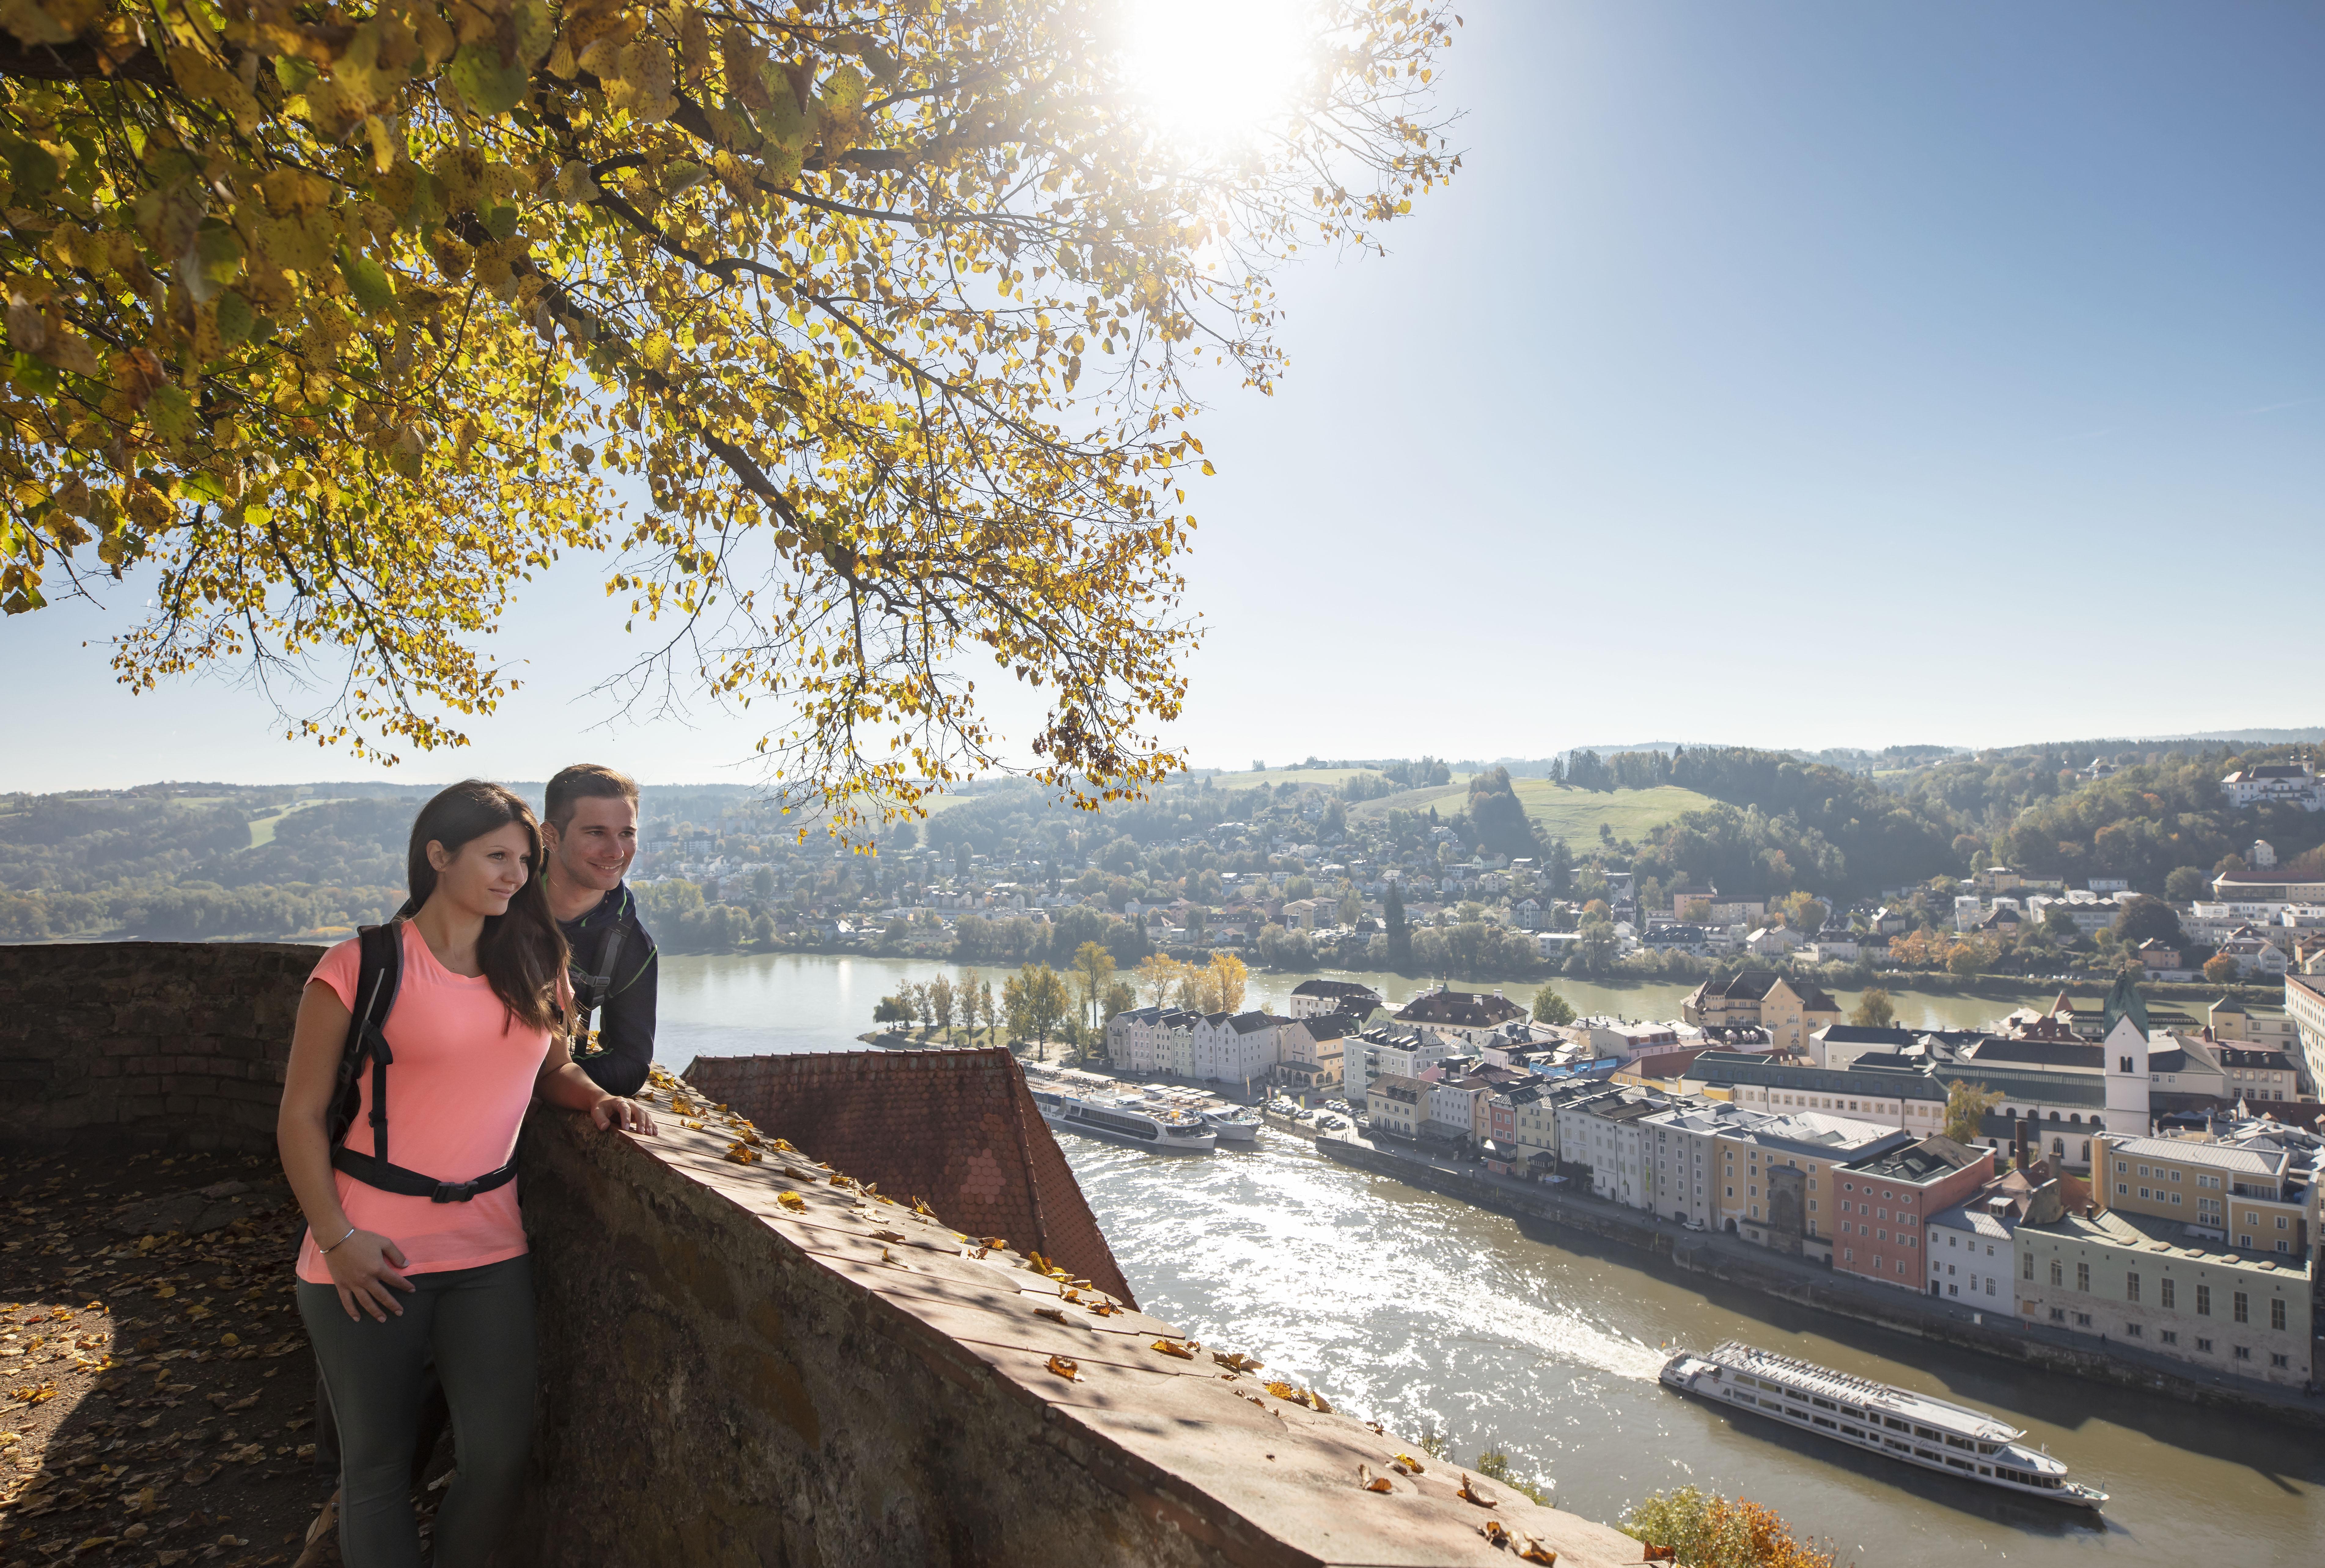 Nach Passau könnt Ihr am Goldsteig und am Donau-Panoramaweg wandern.